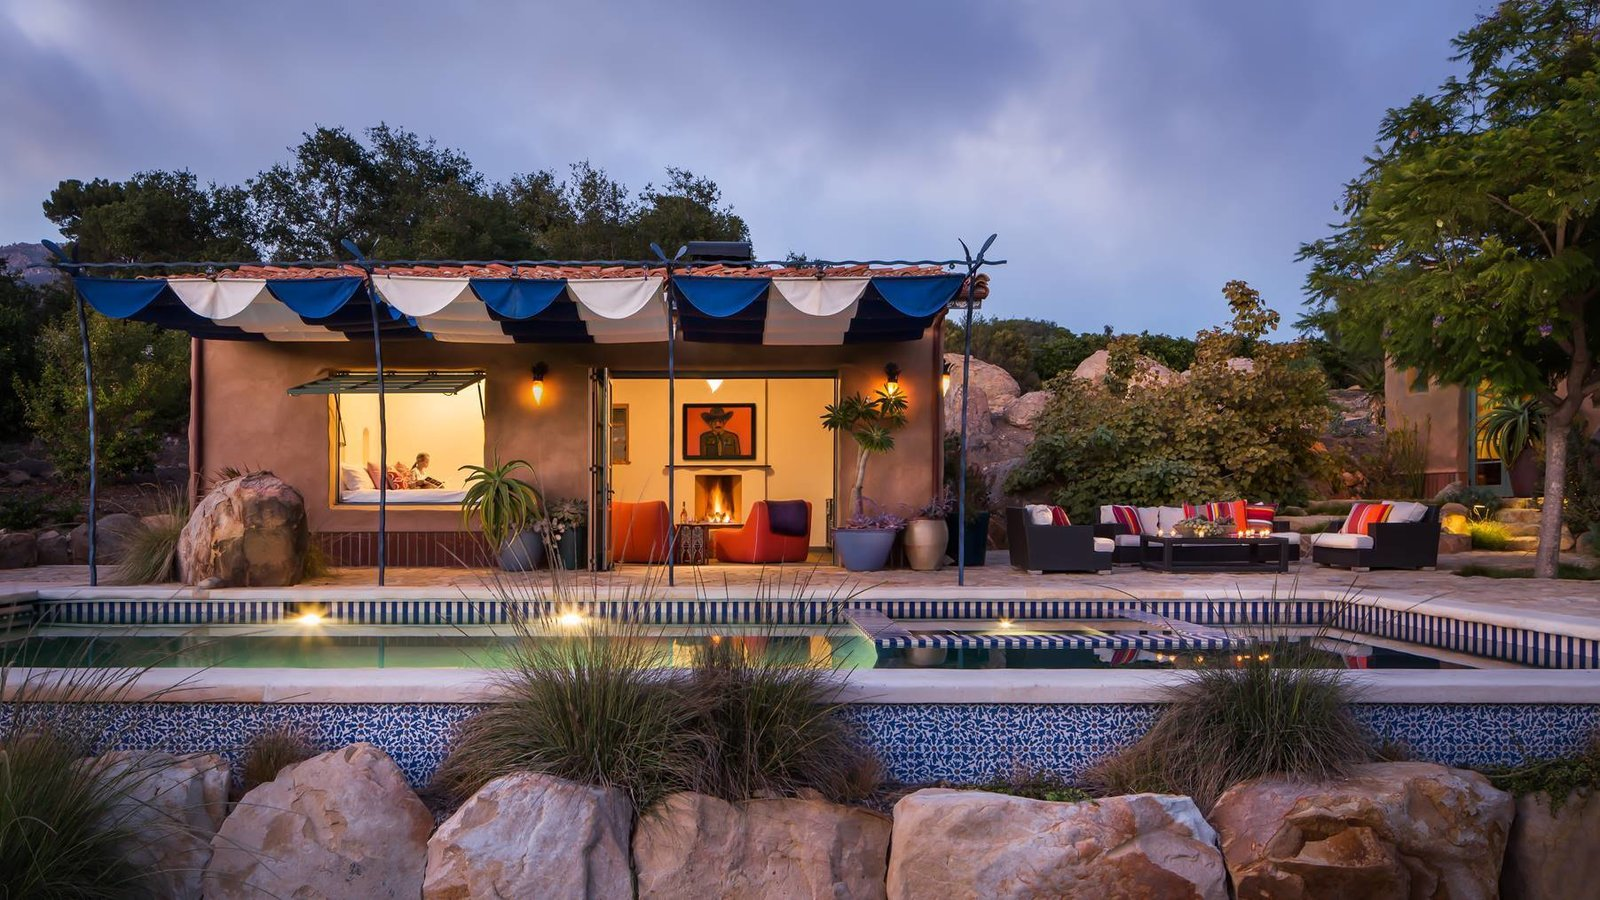 Cabaña. Pool exterior using Paul's Flower Tile.  La Roca